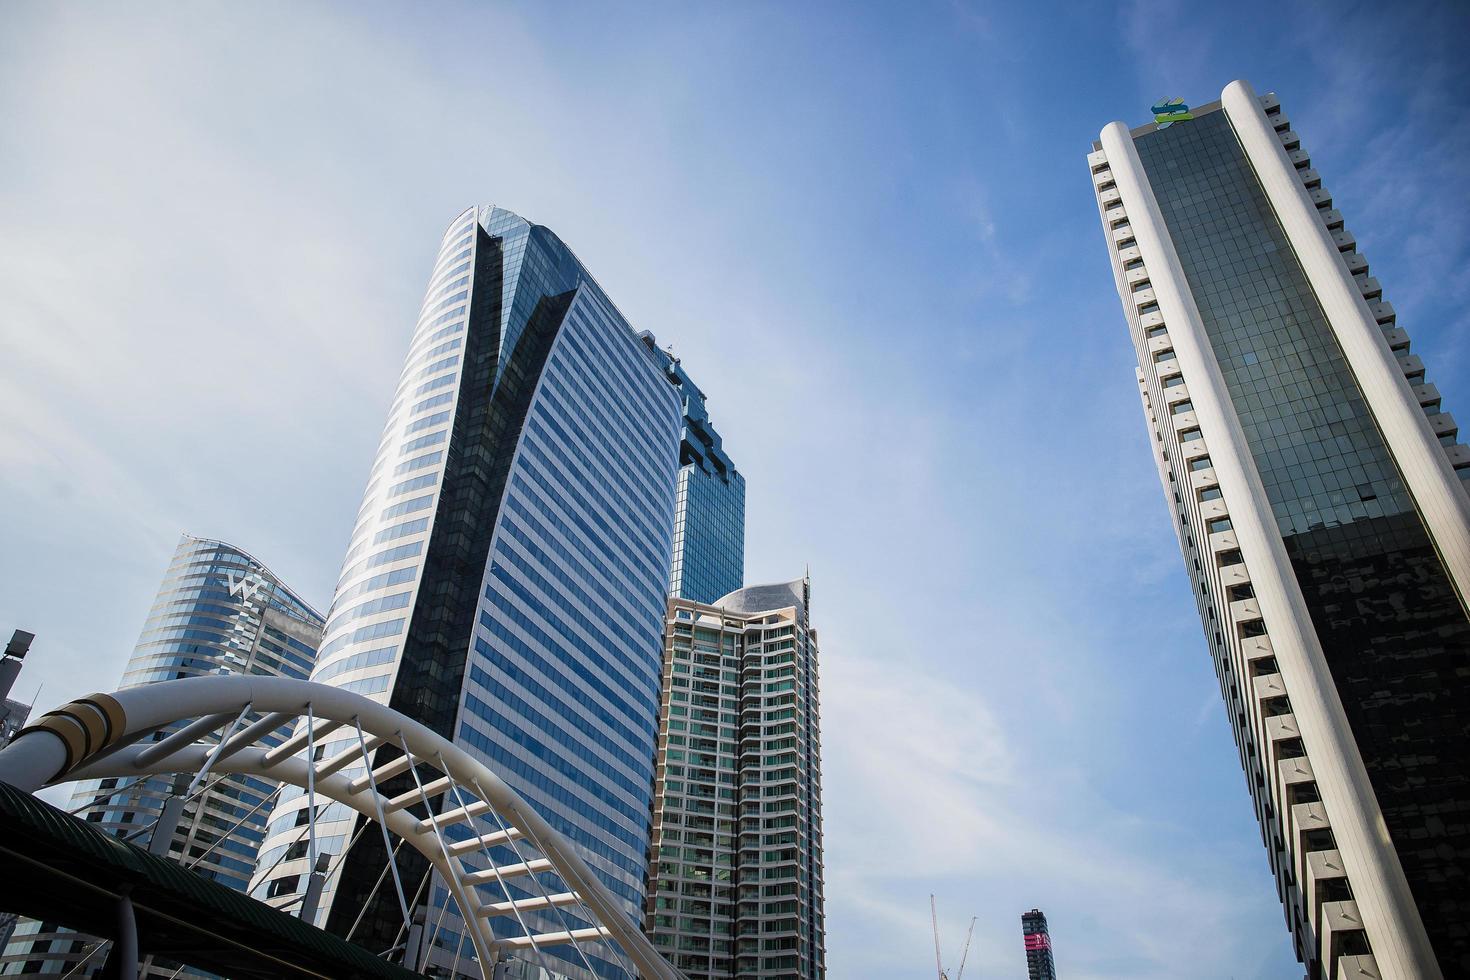 Bild von Wolkenkratzern mit der Brücke und dem Himmel foto